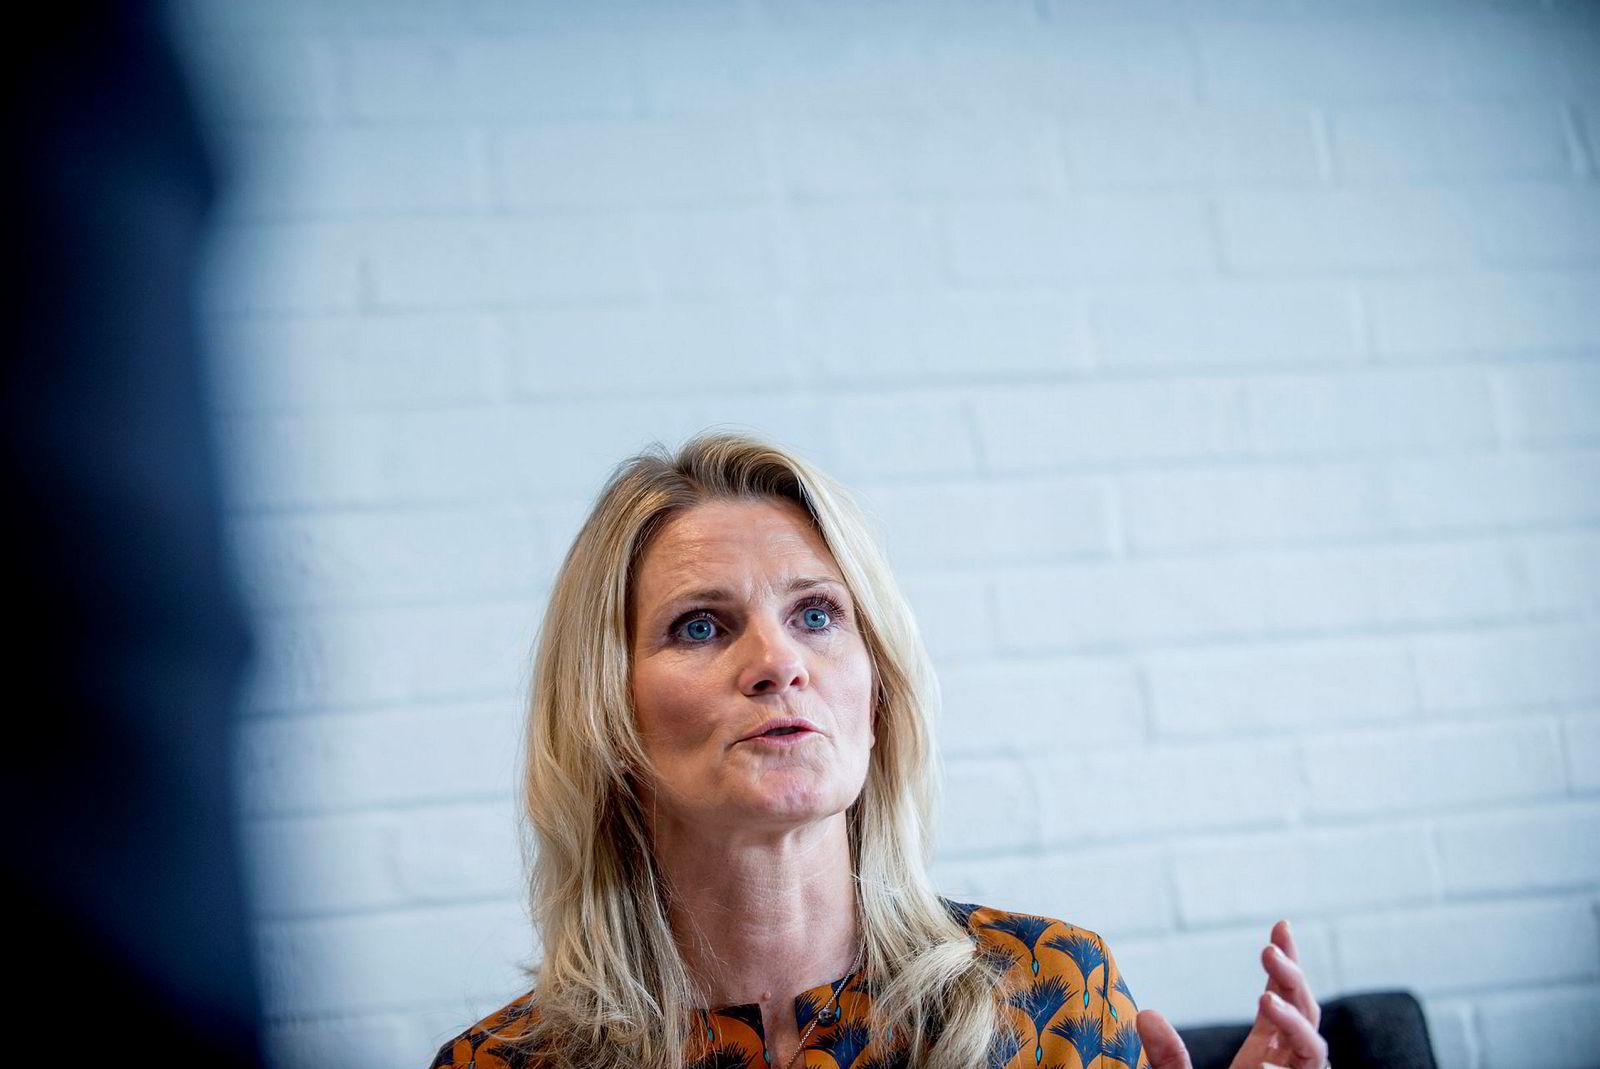 – Mannlige kolleger ofrer like mye som meg, men fordi jeg er kvinne med barn får det mer oppmerksomhet. Om ti år er kanskje ikke dette et tema engang, sier konserndirektør Ann-Beth Freuchen i Orkla.